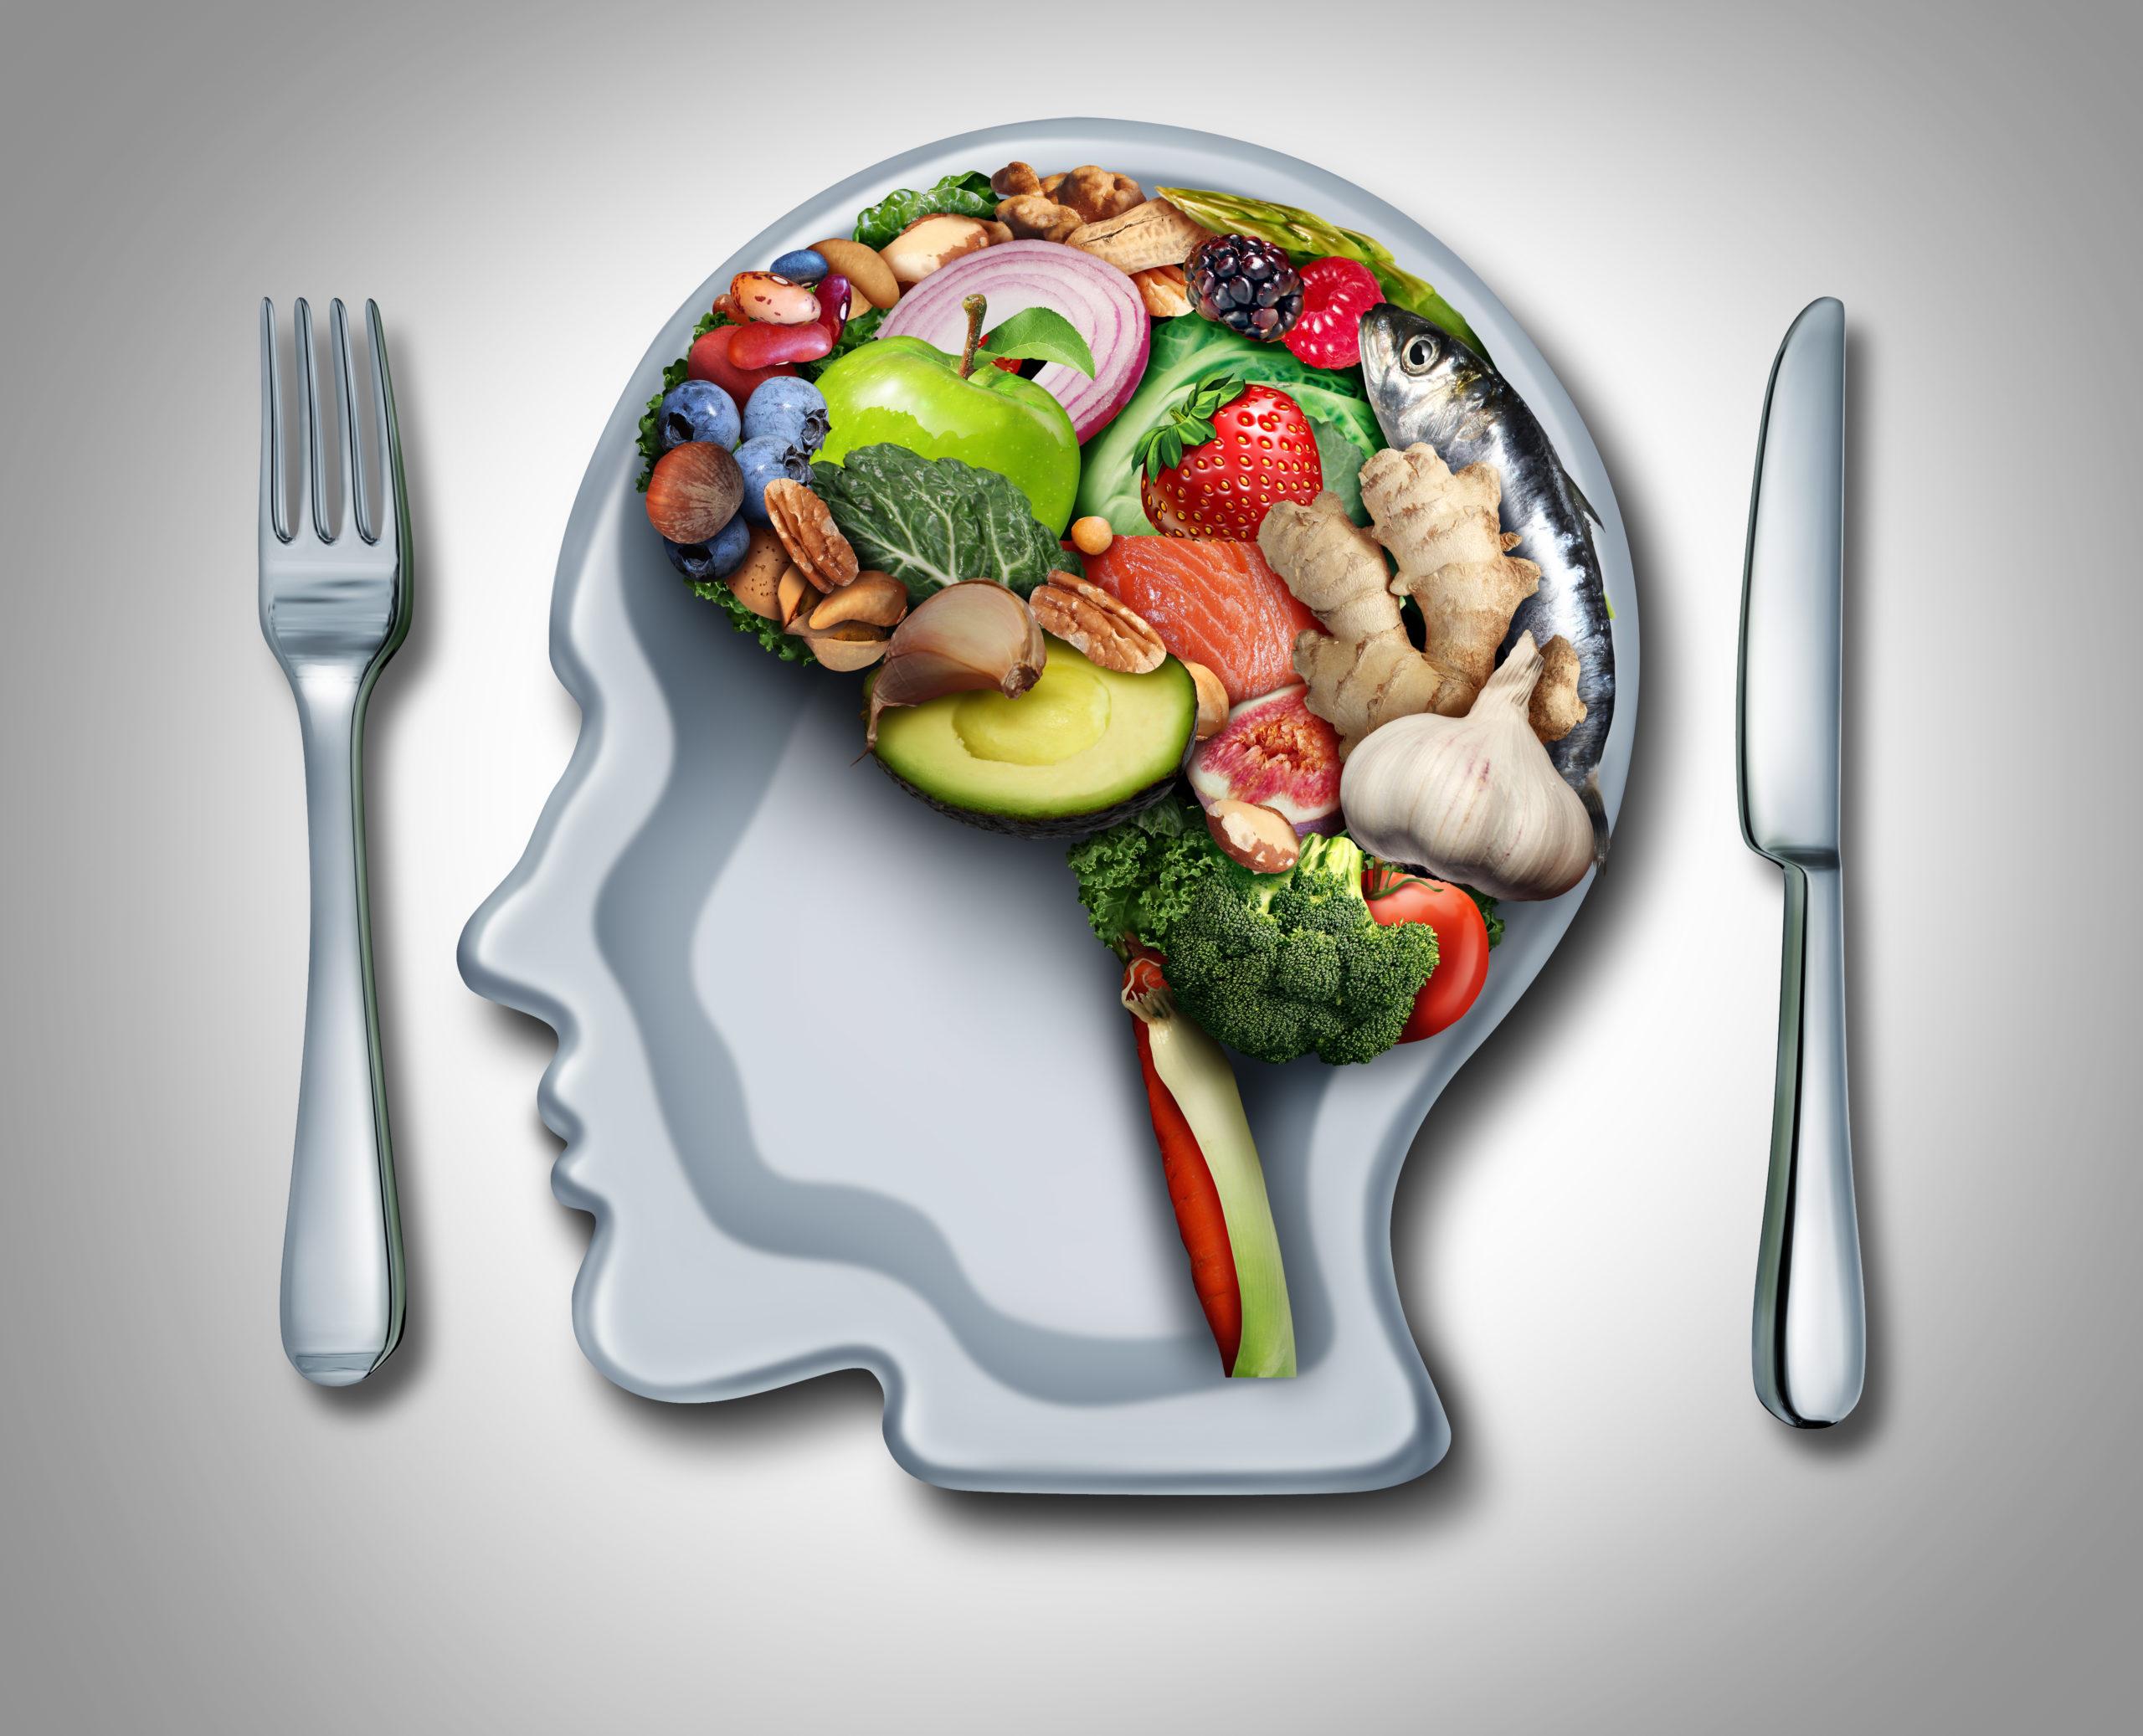 Opinión: ¿Tienes mentalidad que engorda?